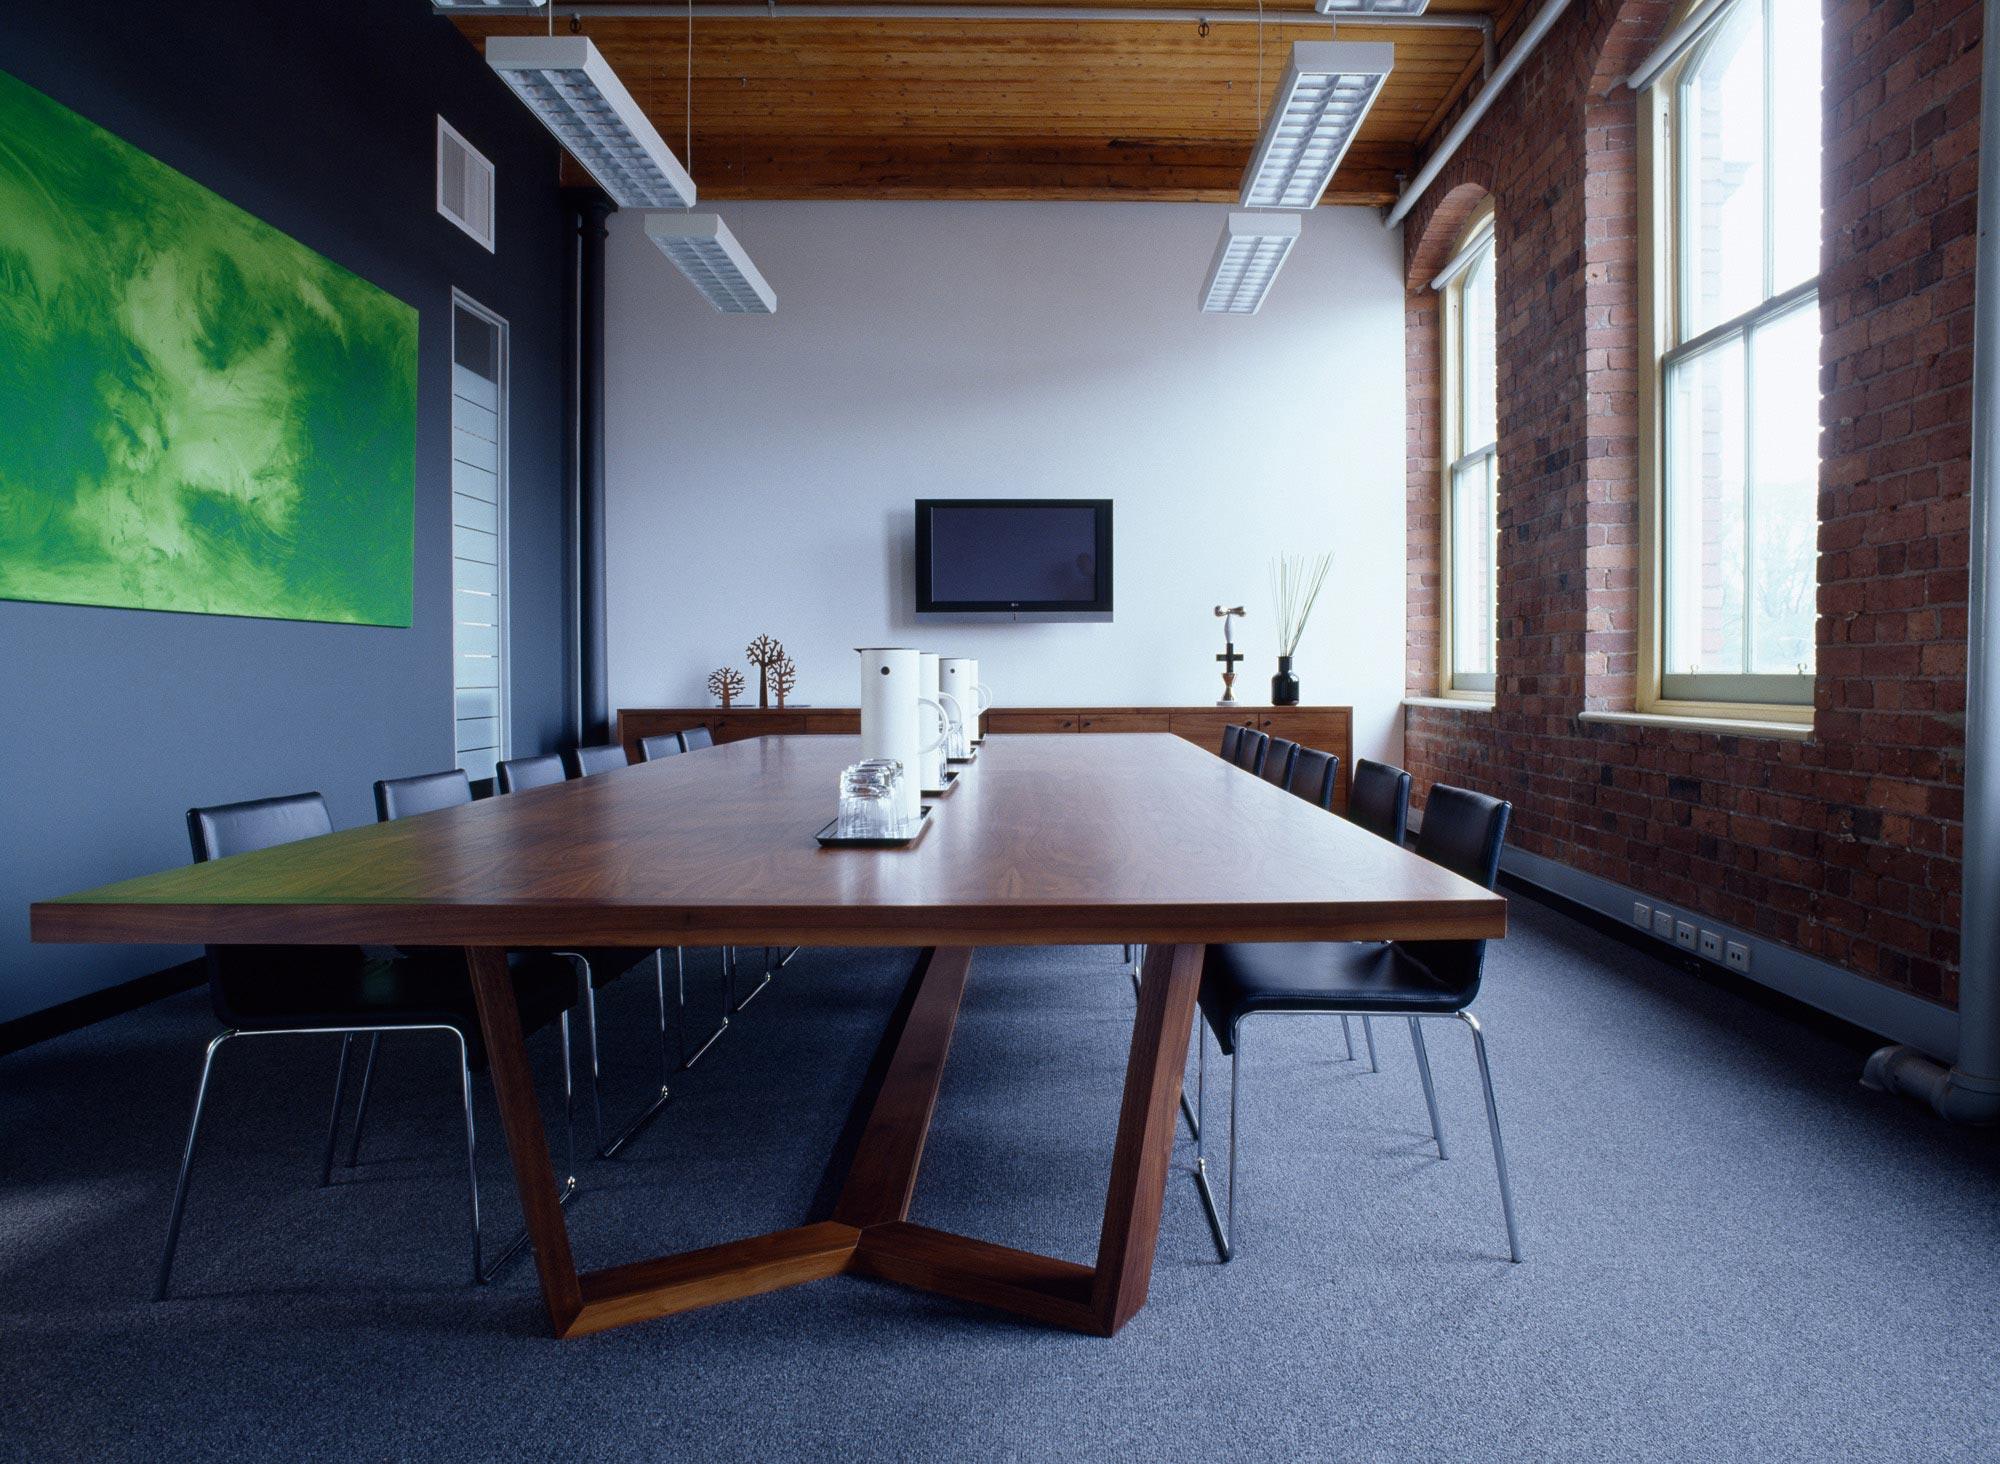 LoweFurniture_Hub_BoardroomDesking_Neap_MeinPhoto.jpg